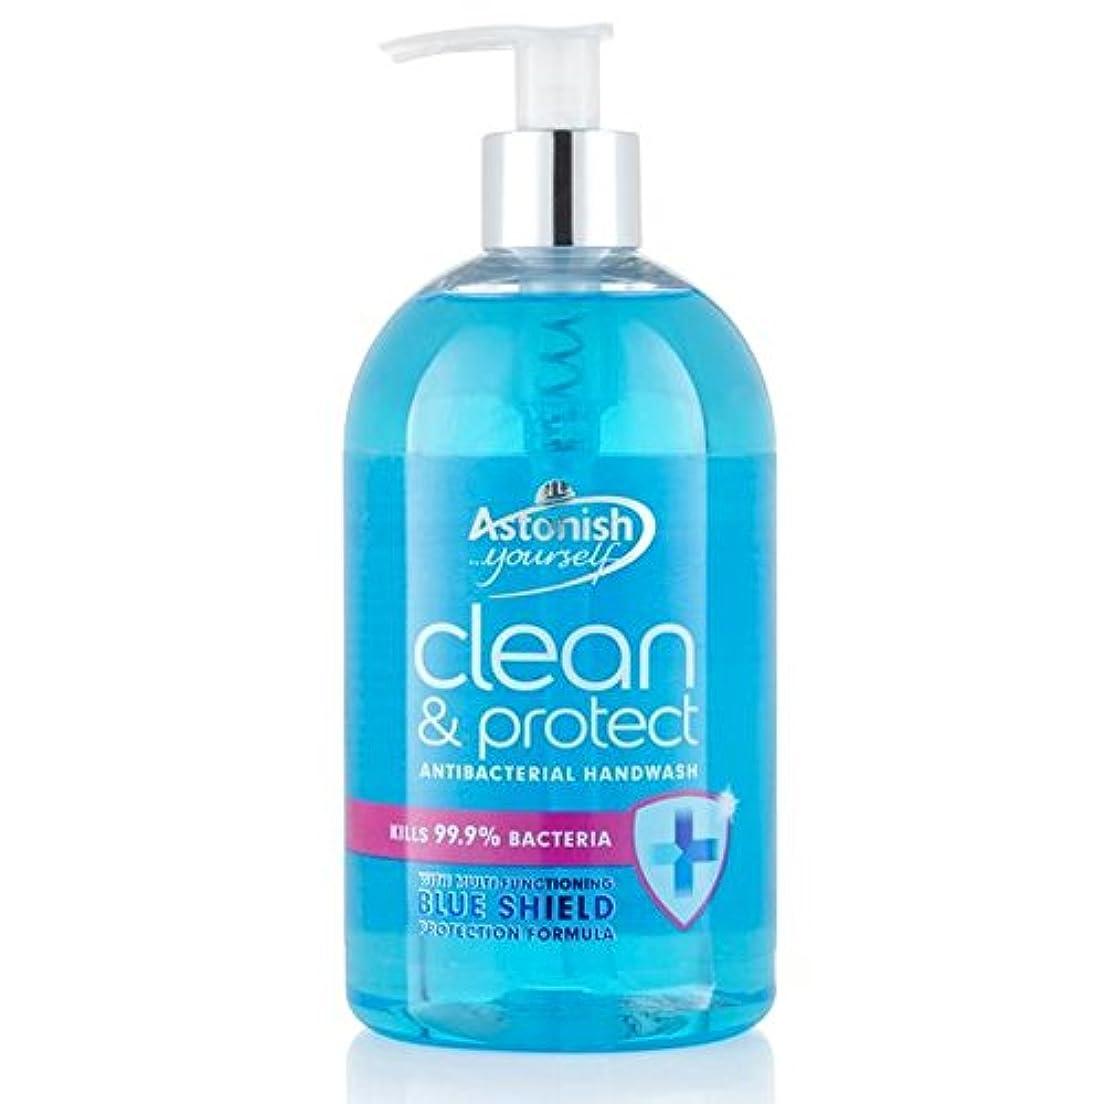 適合結婚式強盗クリーン驚か&ハンドウォッシュ500ミリリットルを保護 x2 - Astonish Clean & Protect Hand Wash 500ml (Pack of 2) [並行輸入品]